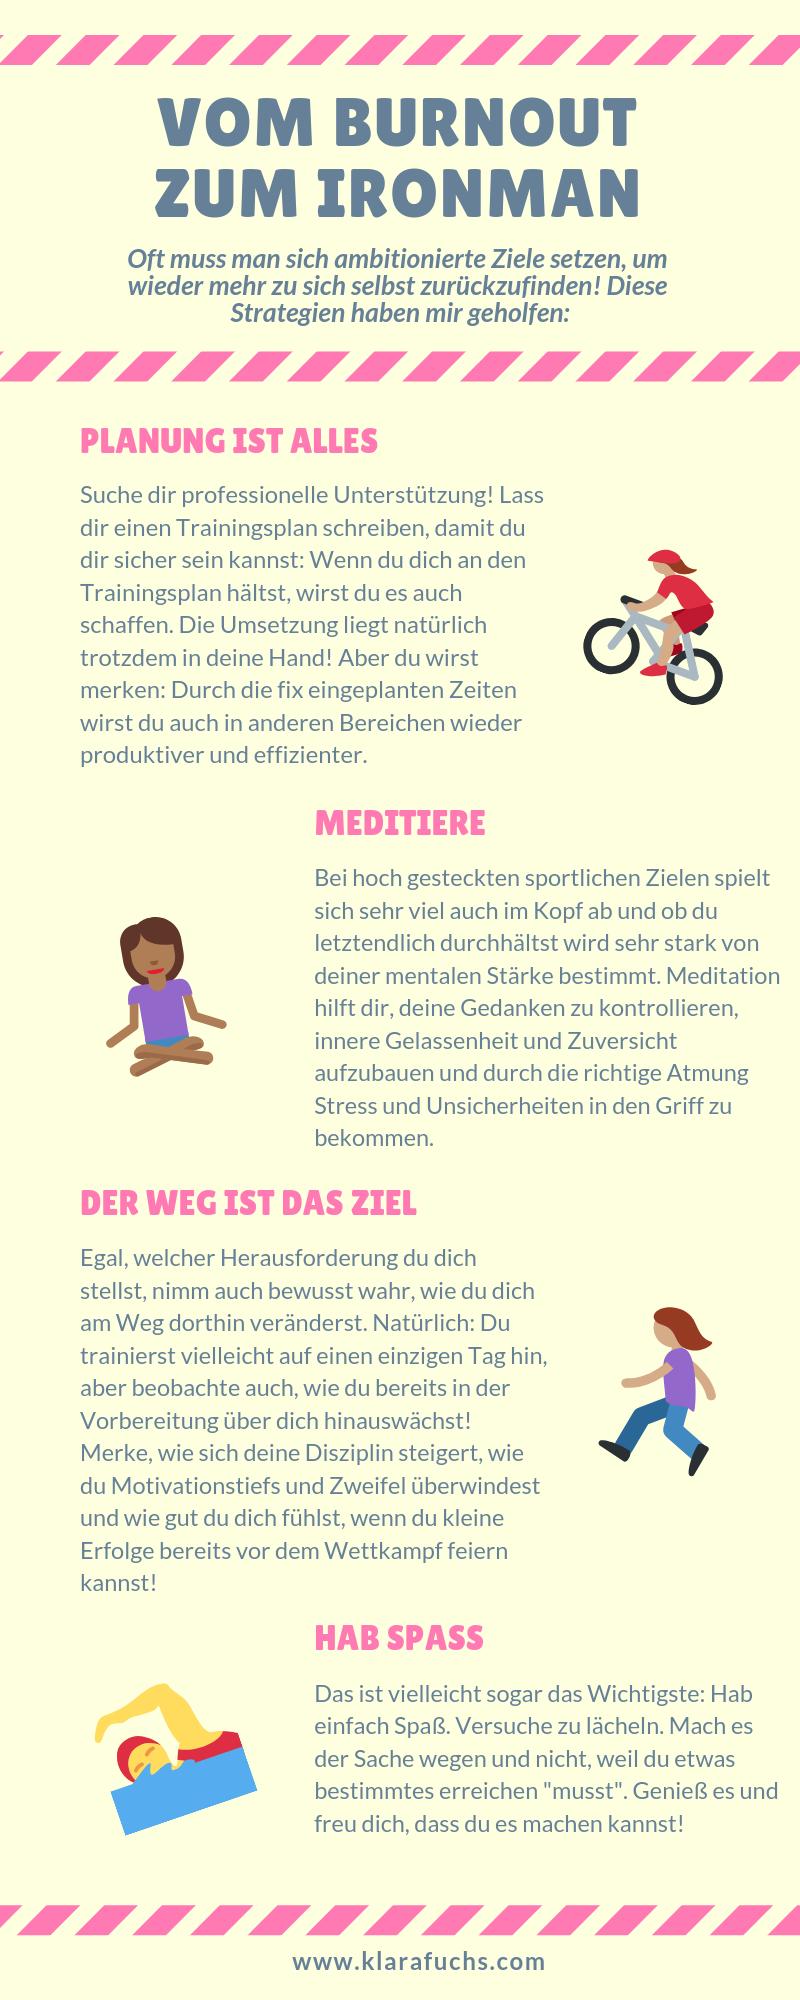 Vom Burnout zum Ironman - Klara Fuchs